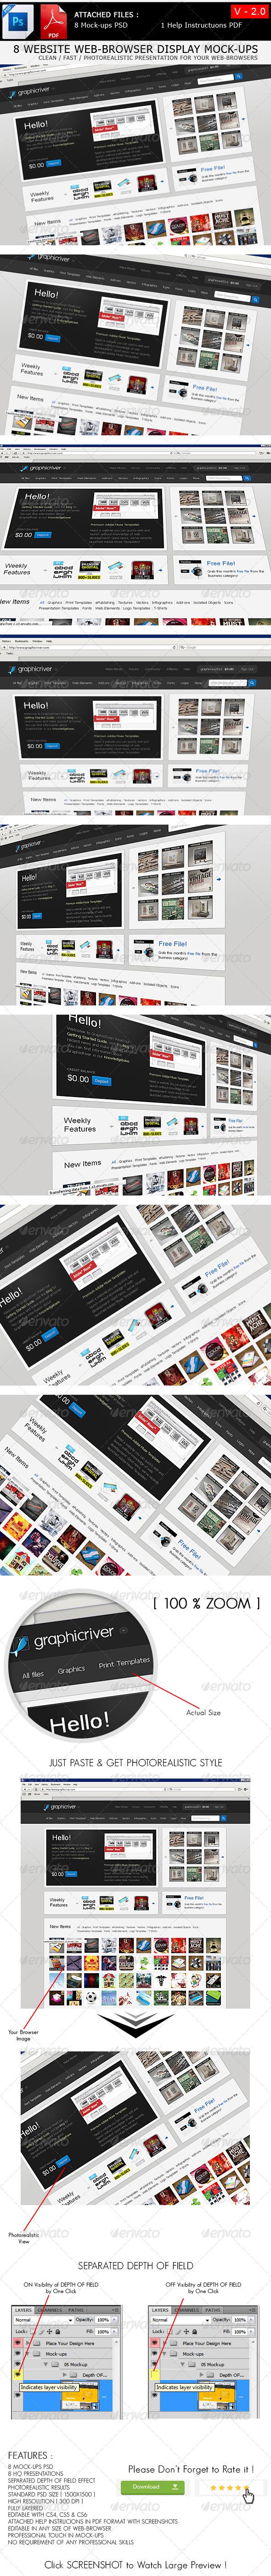 GraphicRiver Website Browser Display Mock-ups V 2.0 6859289